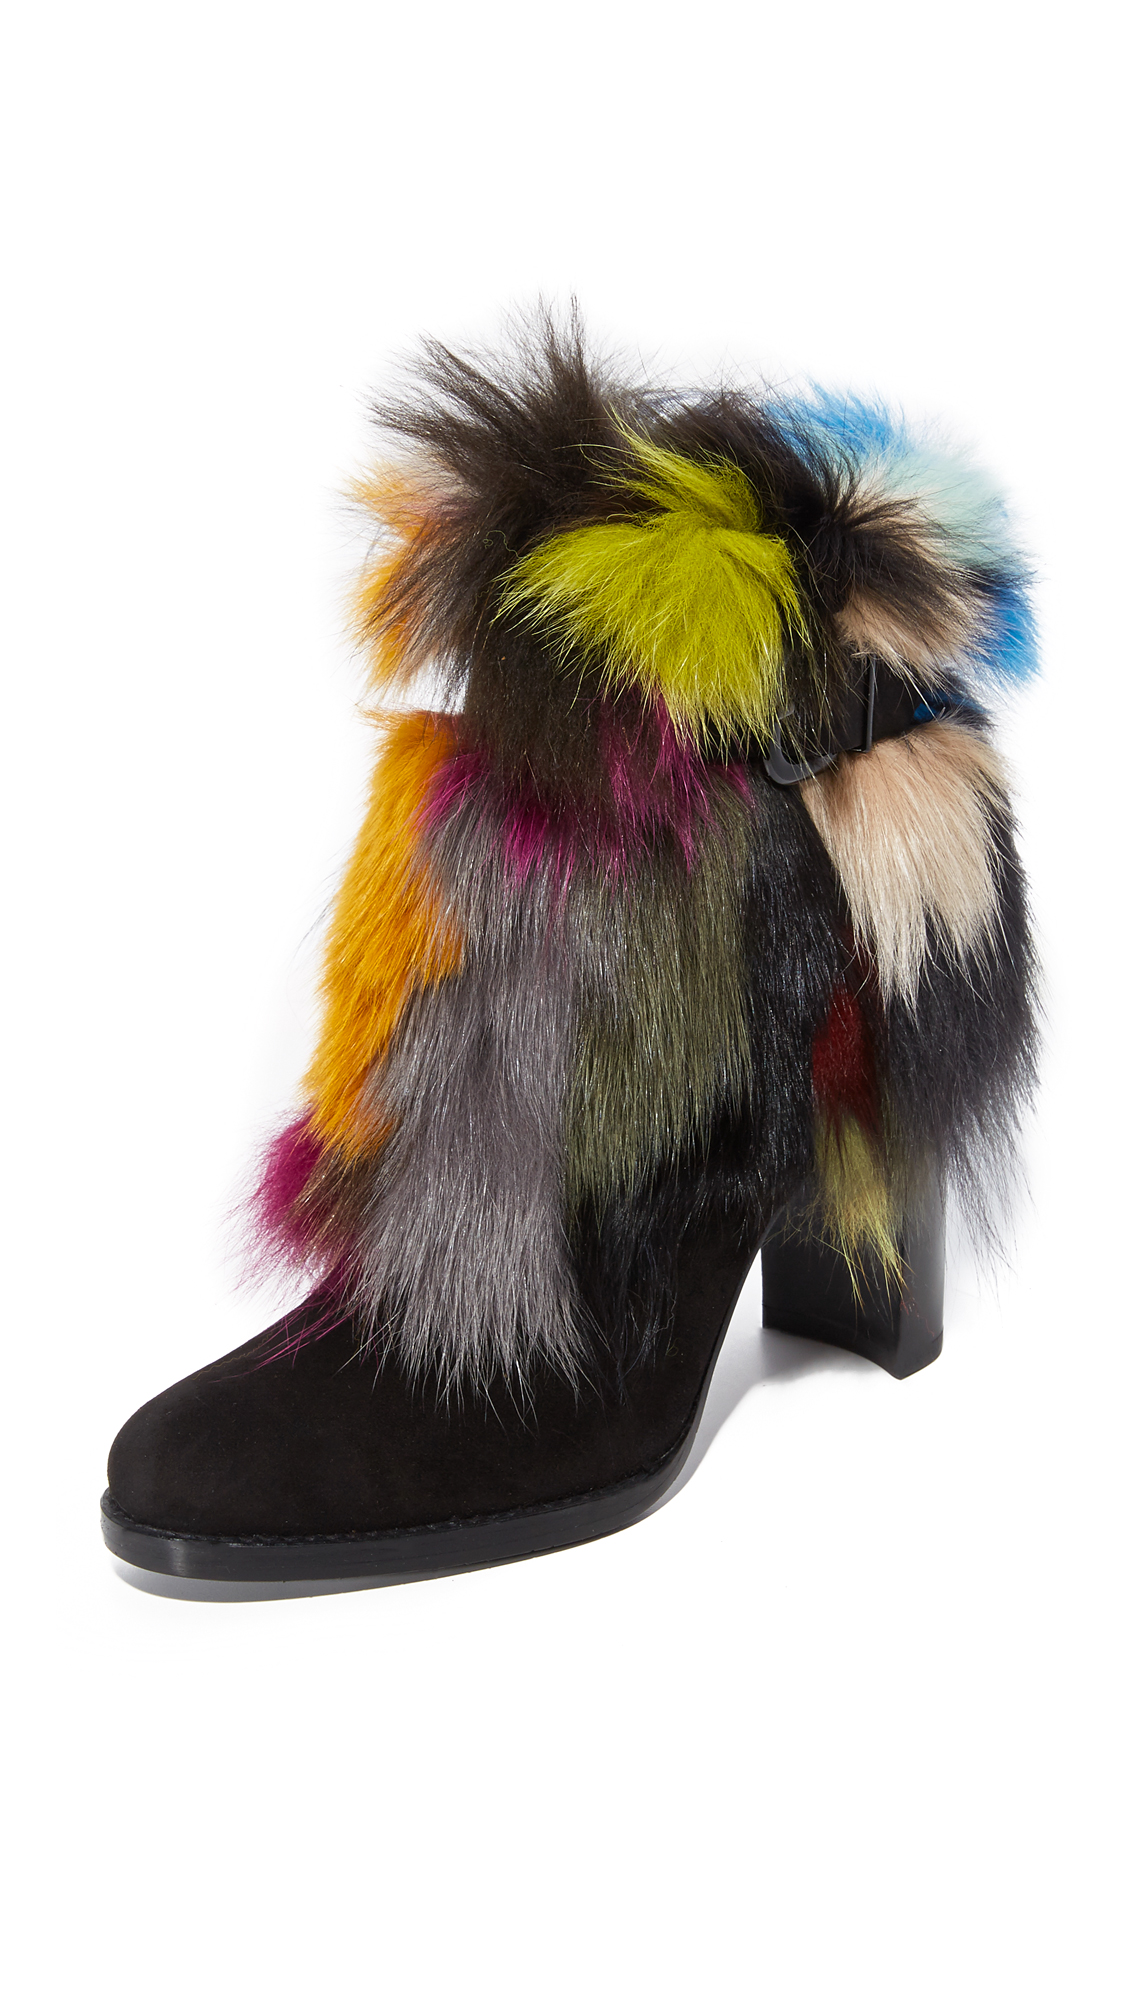 Stuart Weitzman Go Fur It Booties - Carnival